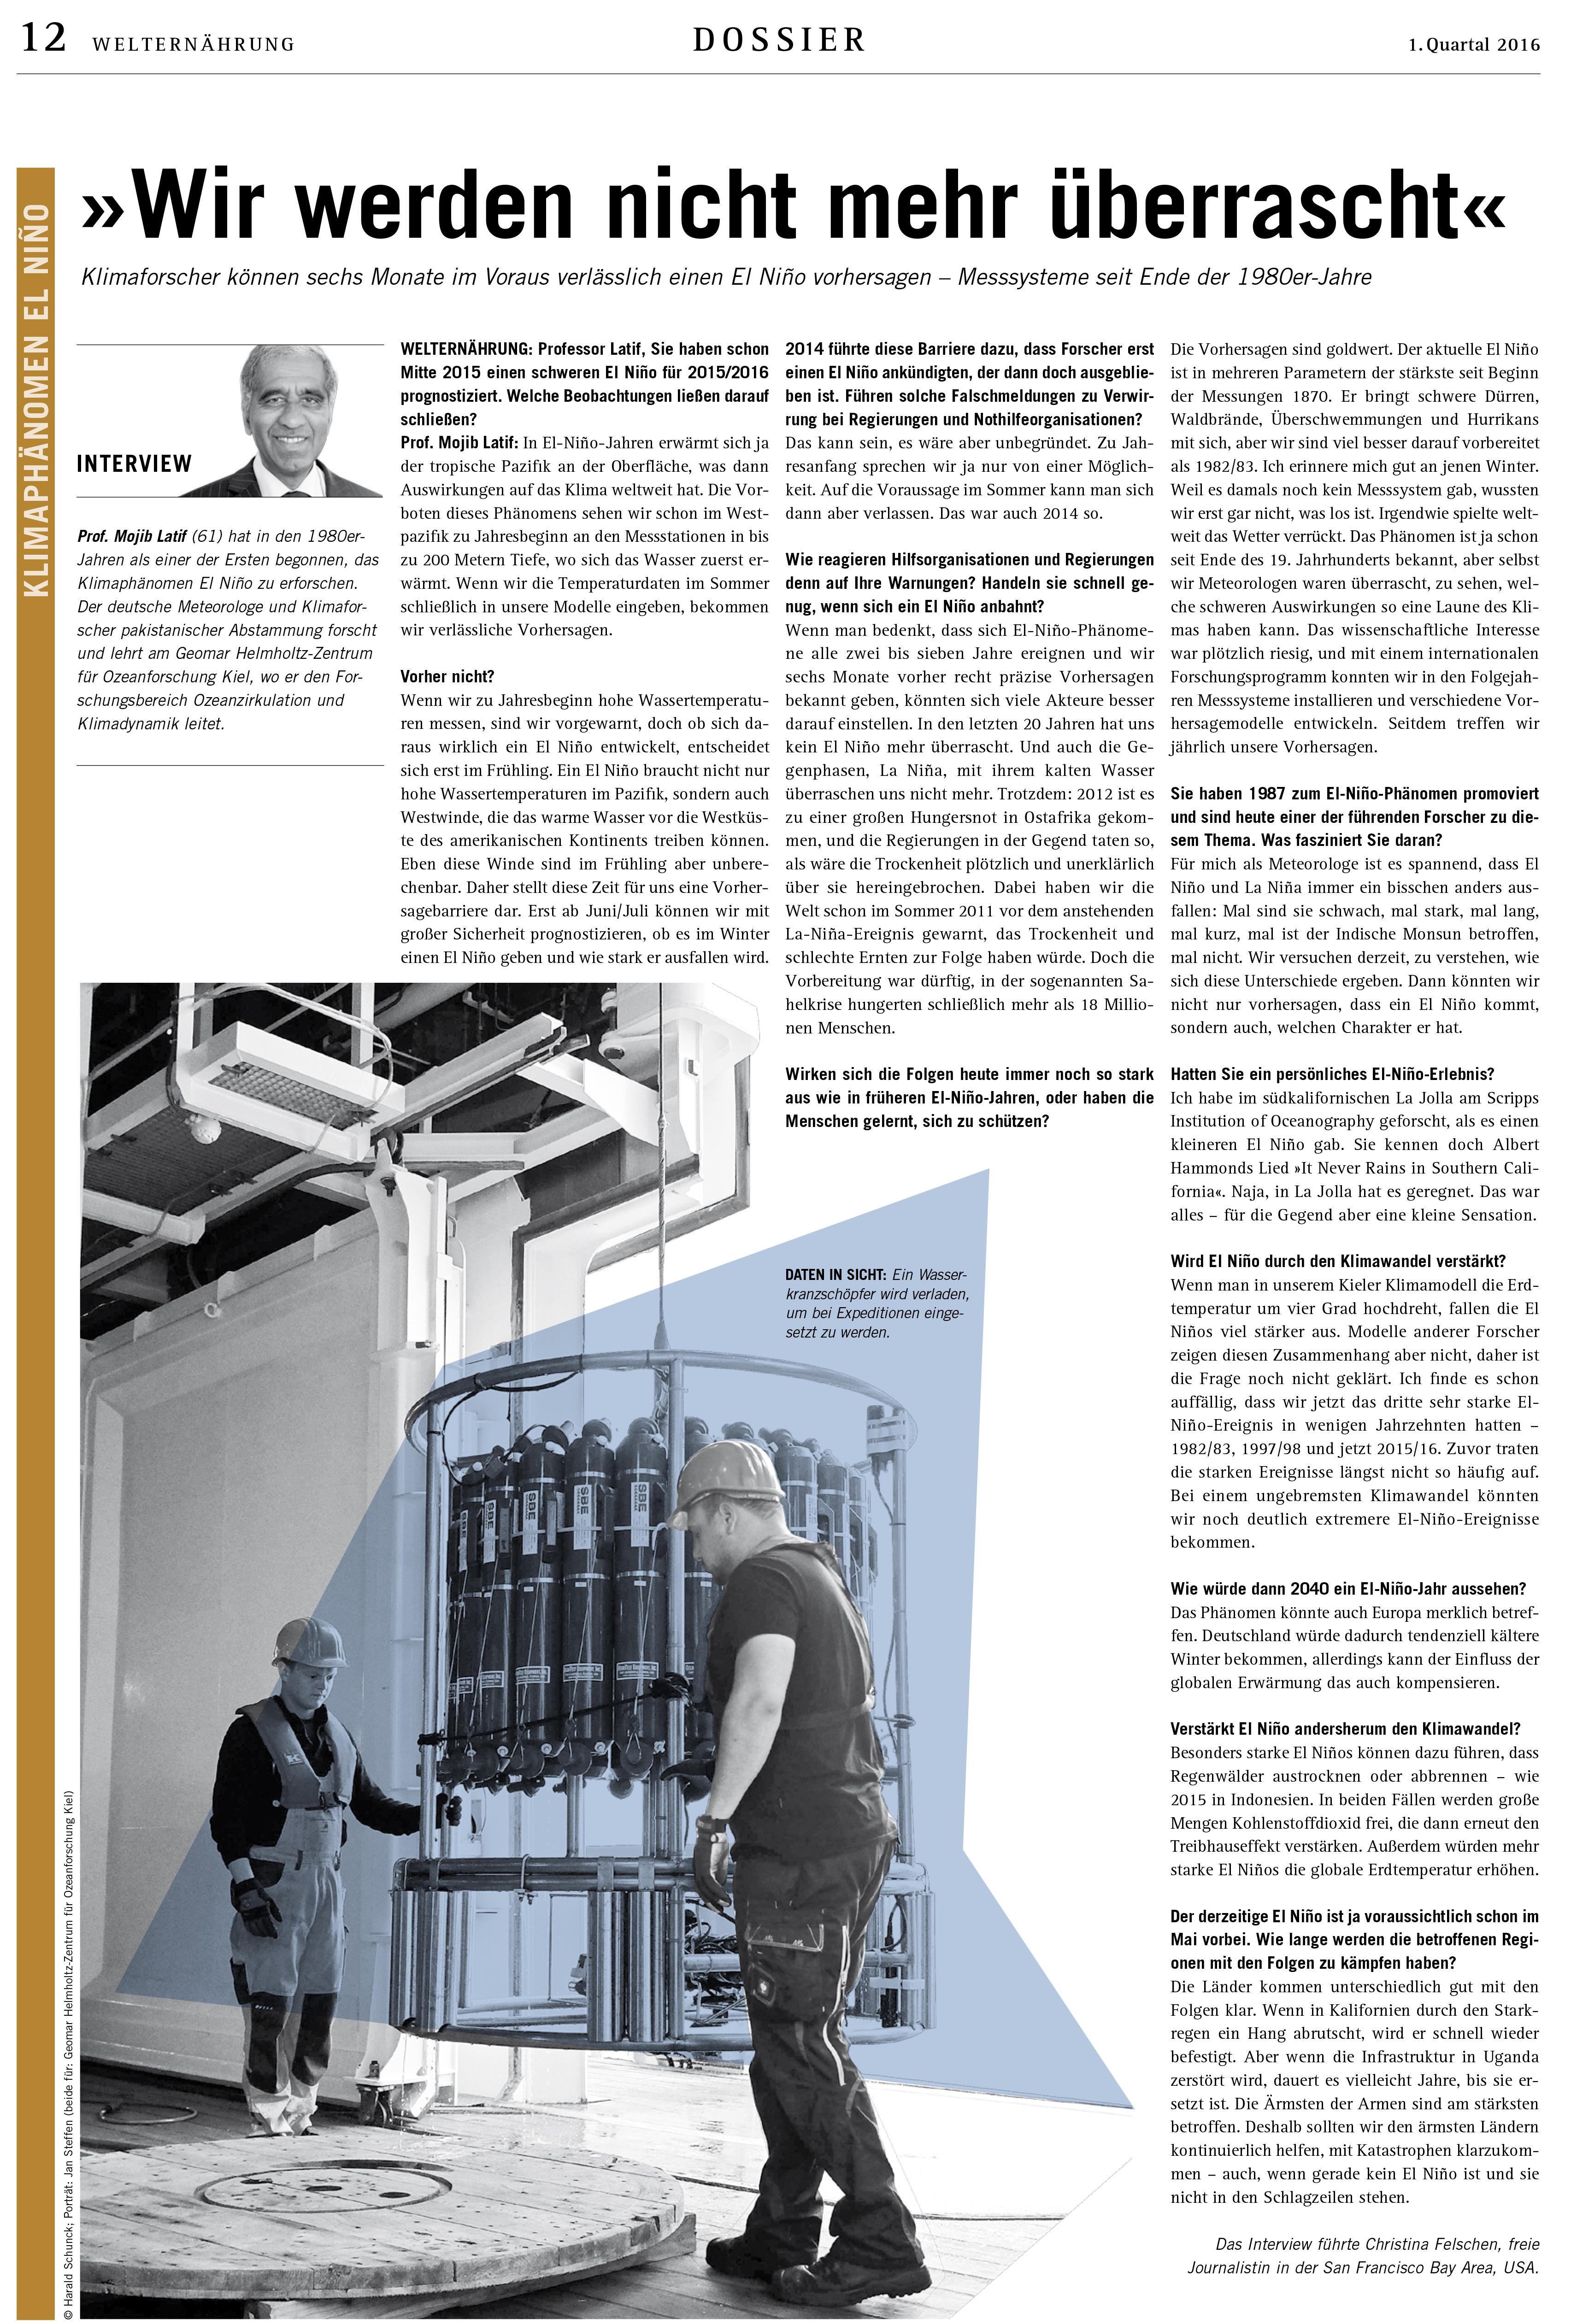 Welternaehrung_Interview Mojib Latif